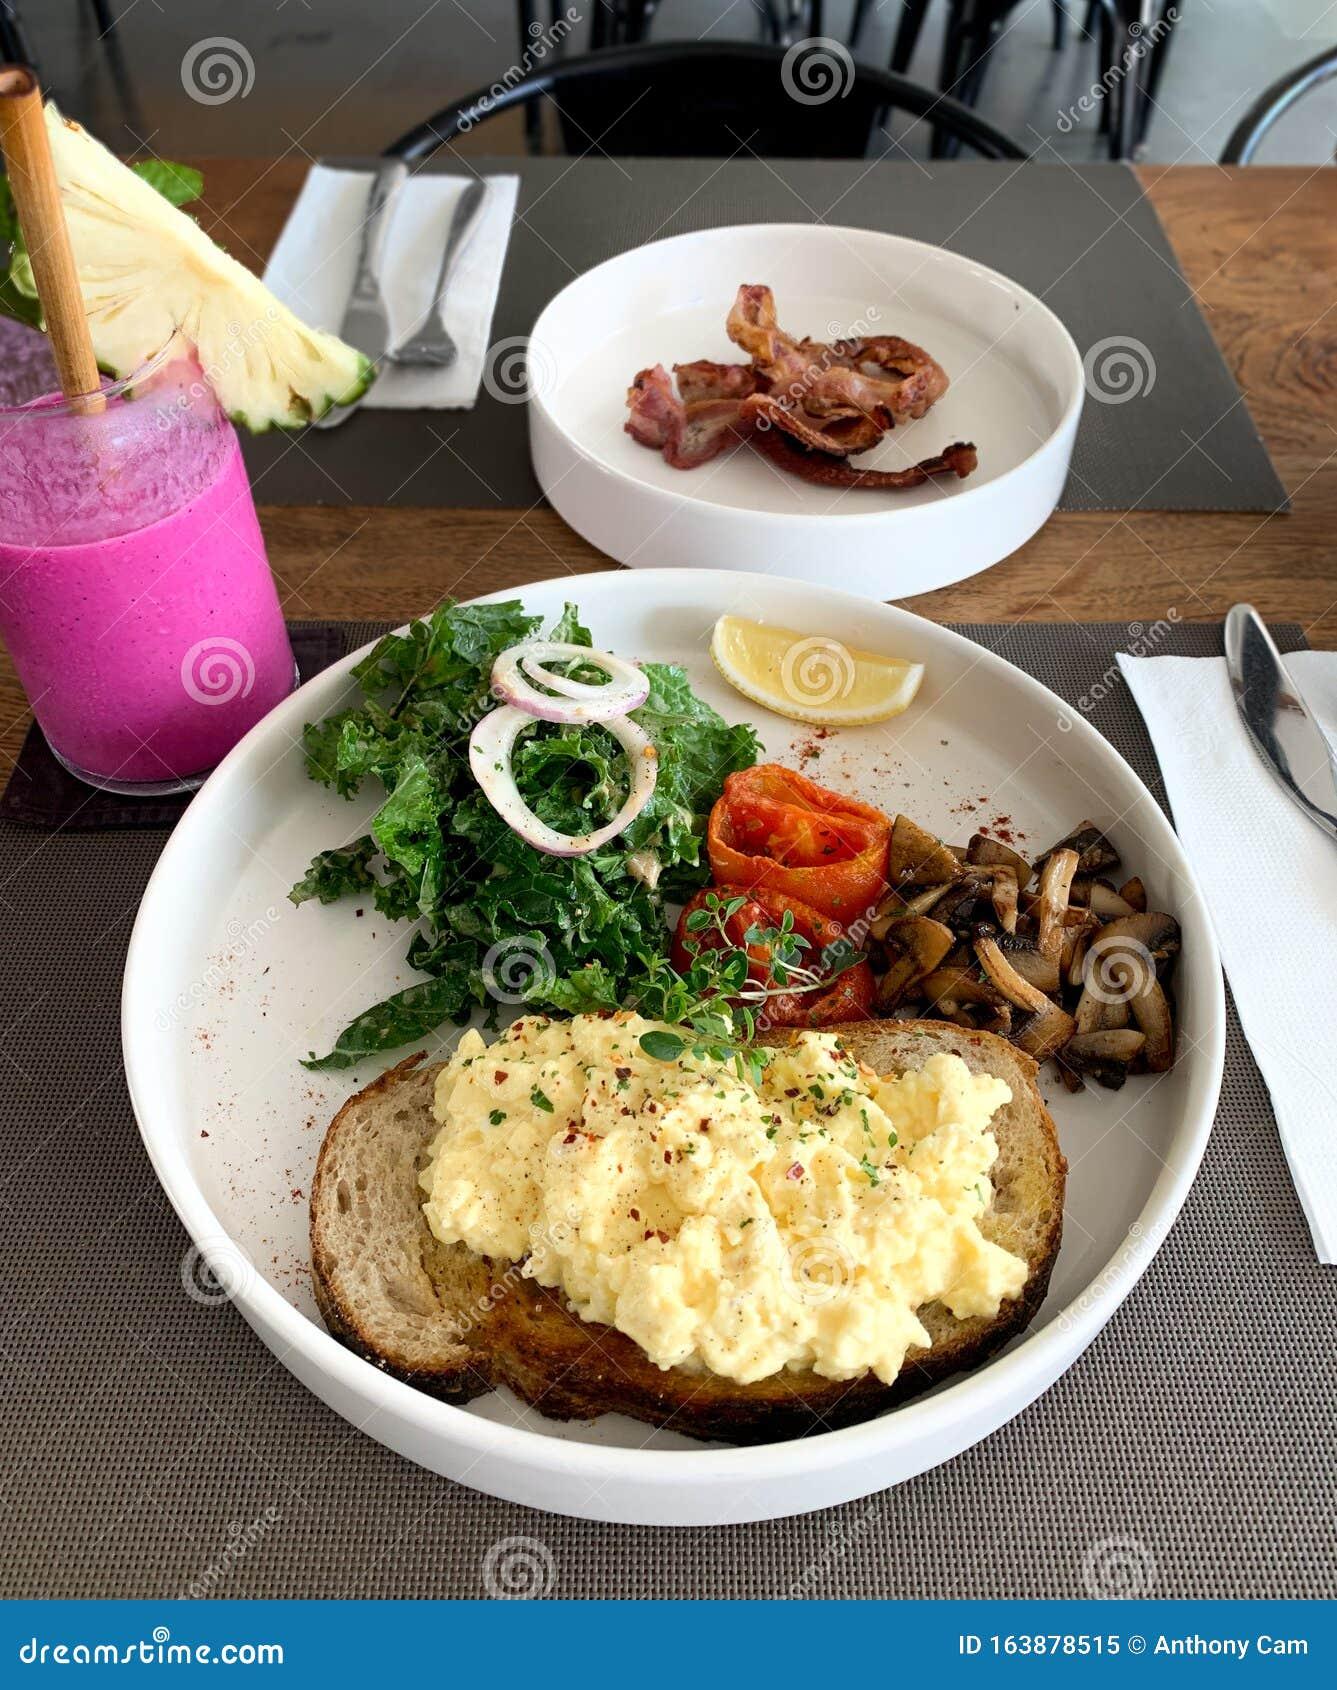 Desayuno Milenal Comida Saludable Por La Mañana Imagen De Archivo Imagen De Mezclado Jugo 163878515